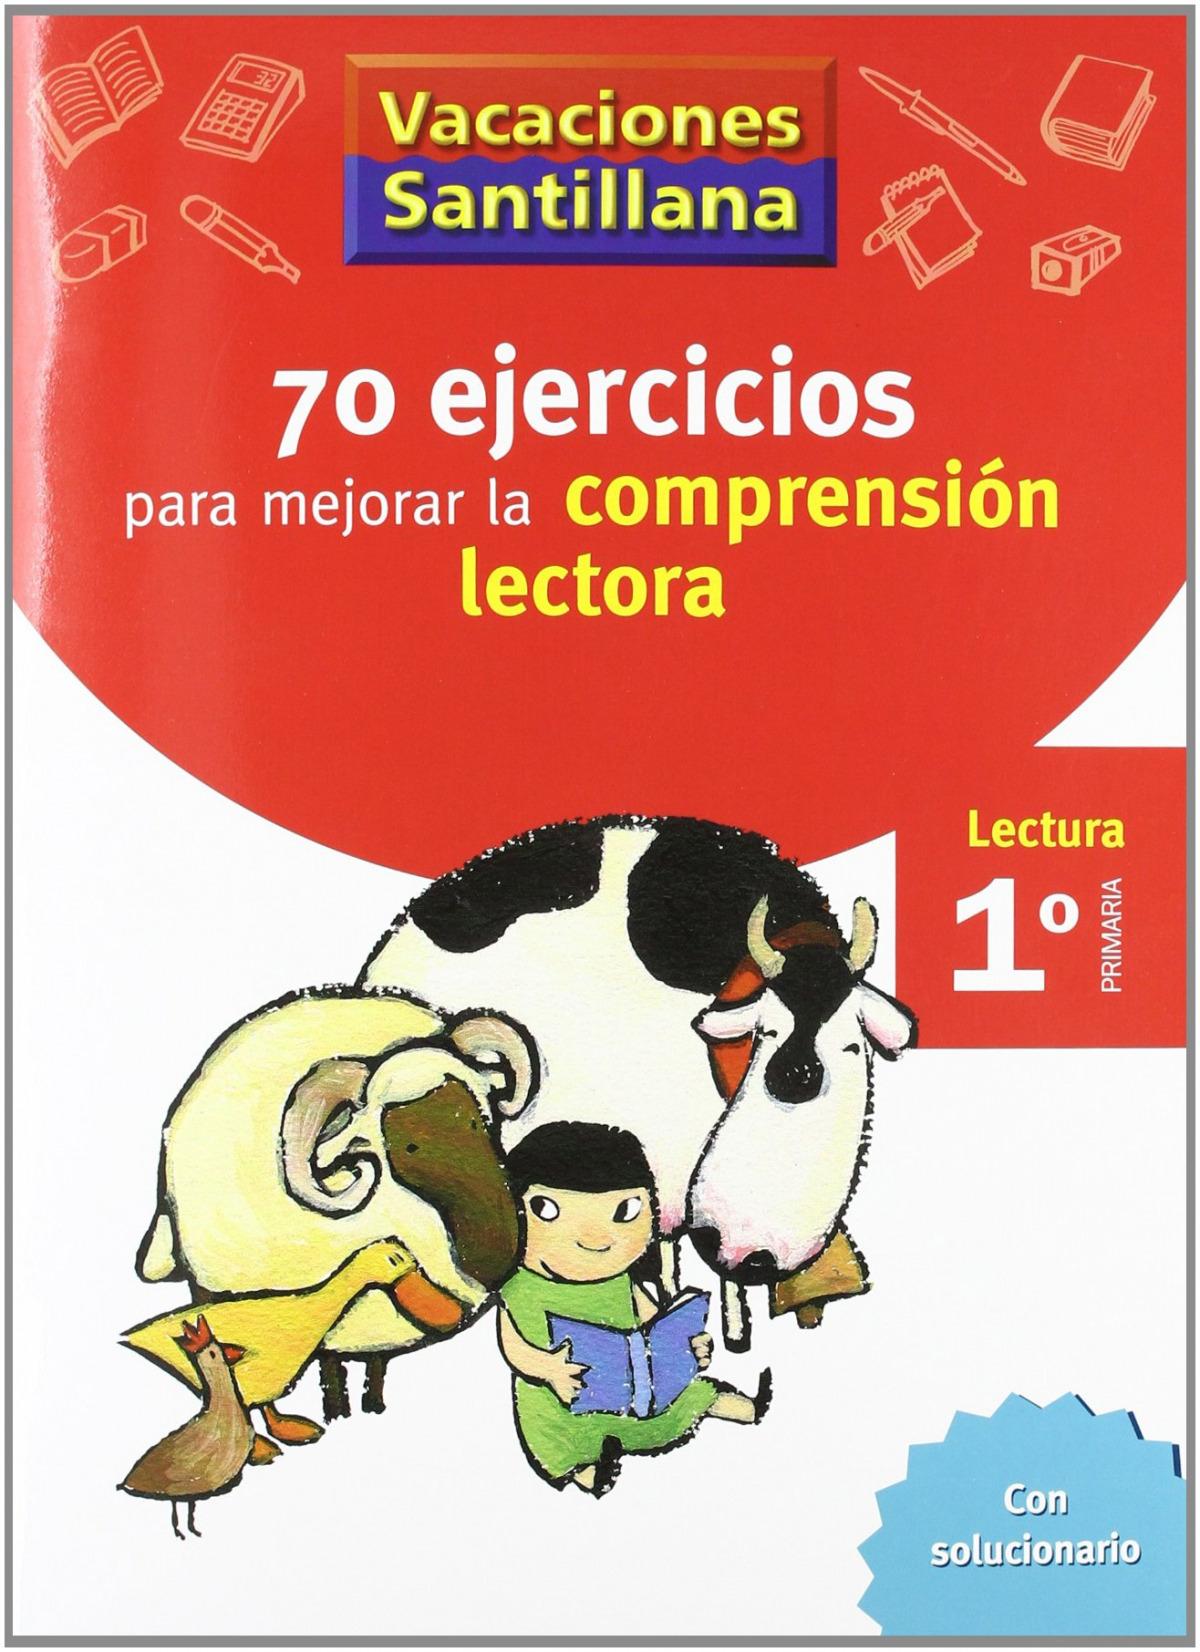 VACACIONES 70 EJERCICIOS PARA MEJORAR LA COMPRENSION LECTORA 1o. PRIMARIA SANTILLANA 9788429407891